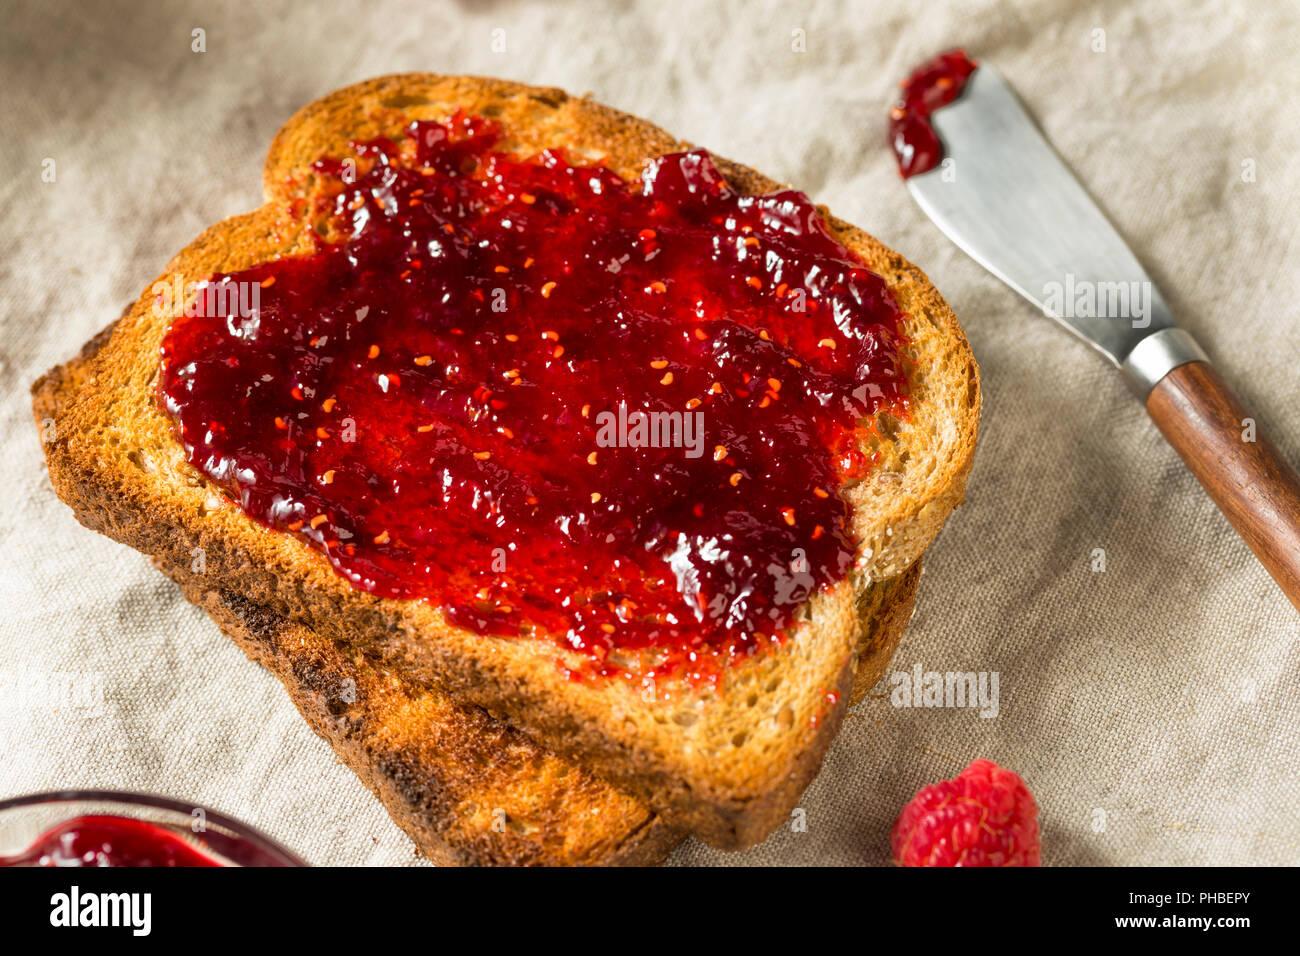 Confiture de framboises Maison saine Préserver prêt à manger Photo Stock